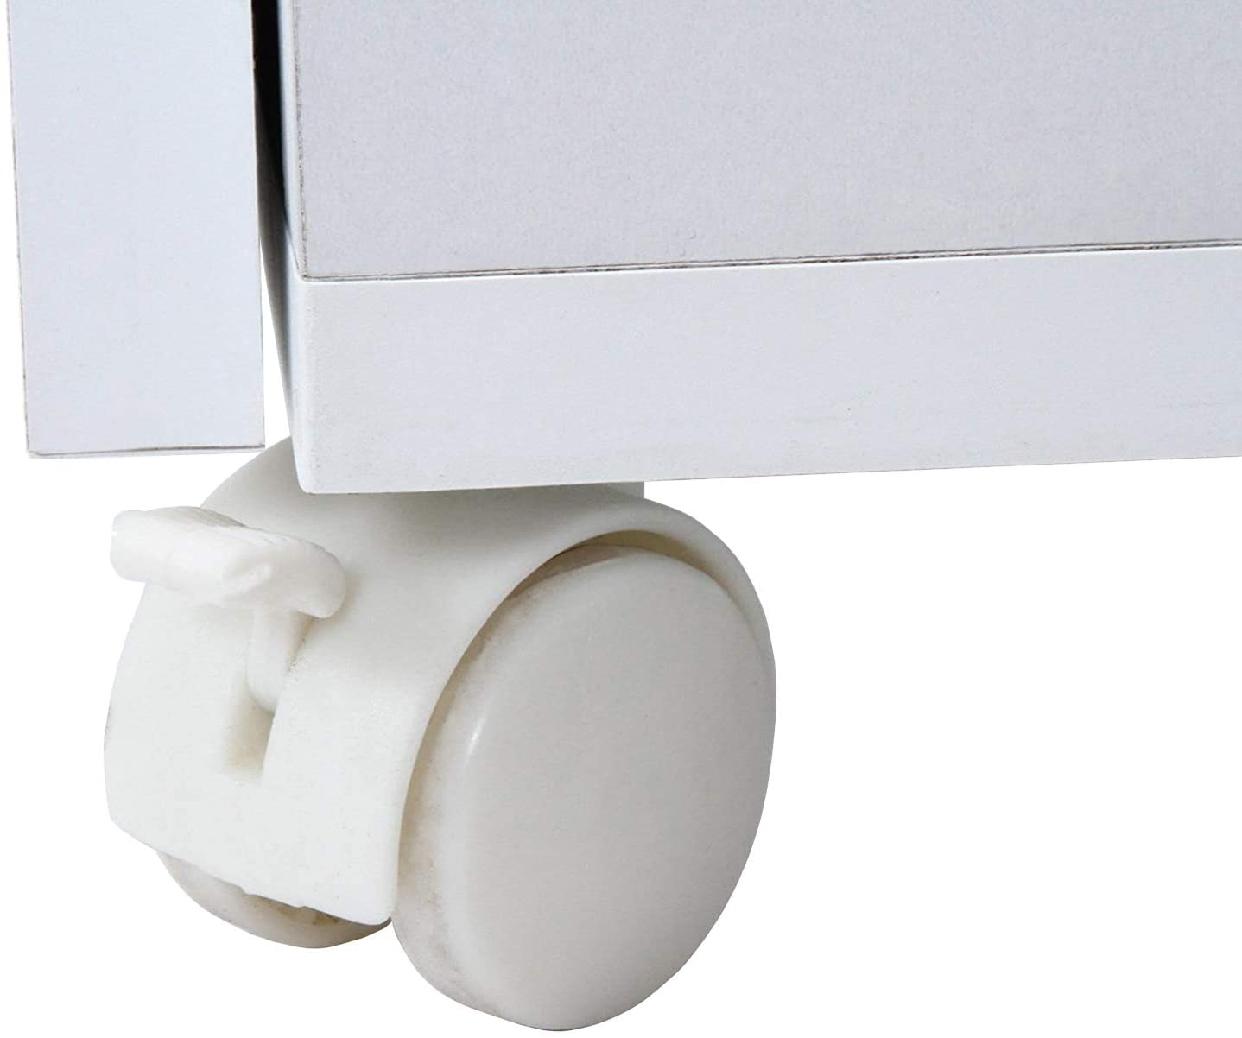 Sage(サージュ)キッチンカウンター 96819 幅90cmの商品画像16